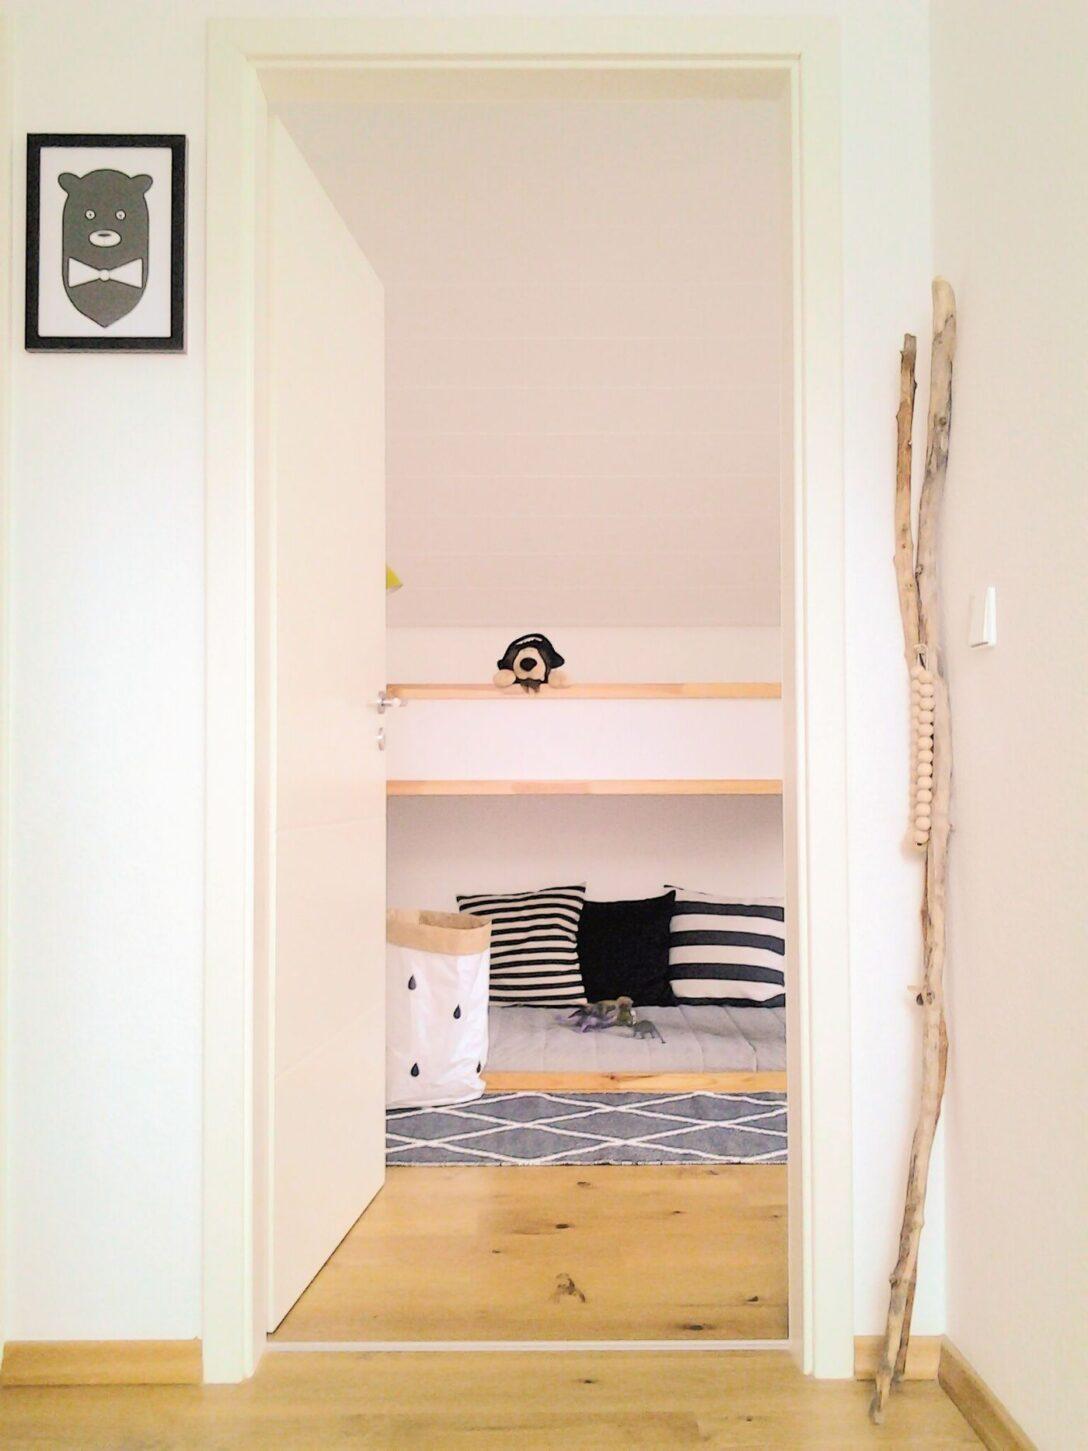 Large Size of Skandinavische Kinderzimmer Deckenlampe Bad Küche Deckenlampen Wohnzimmer Modern Esstisch Skandinavisch Für Bett Schlafzimmer Wohnzimmer Deckenlampe Skandinavisch